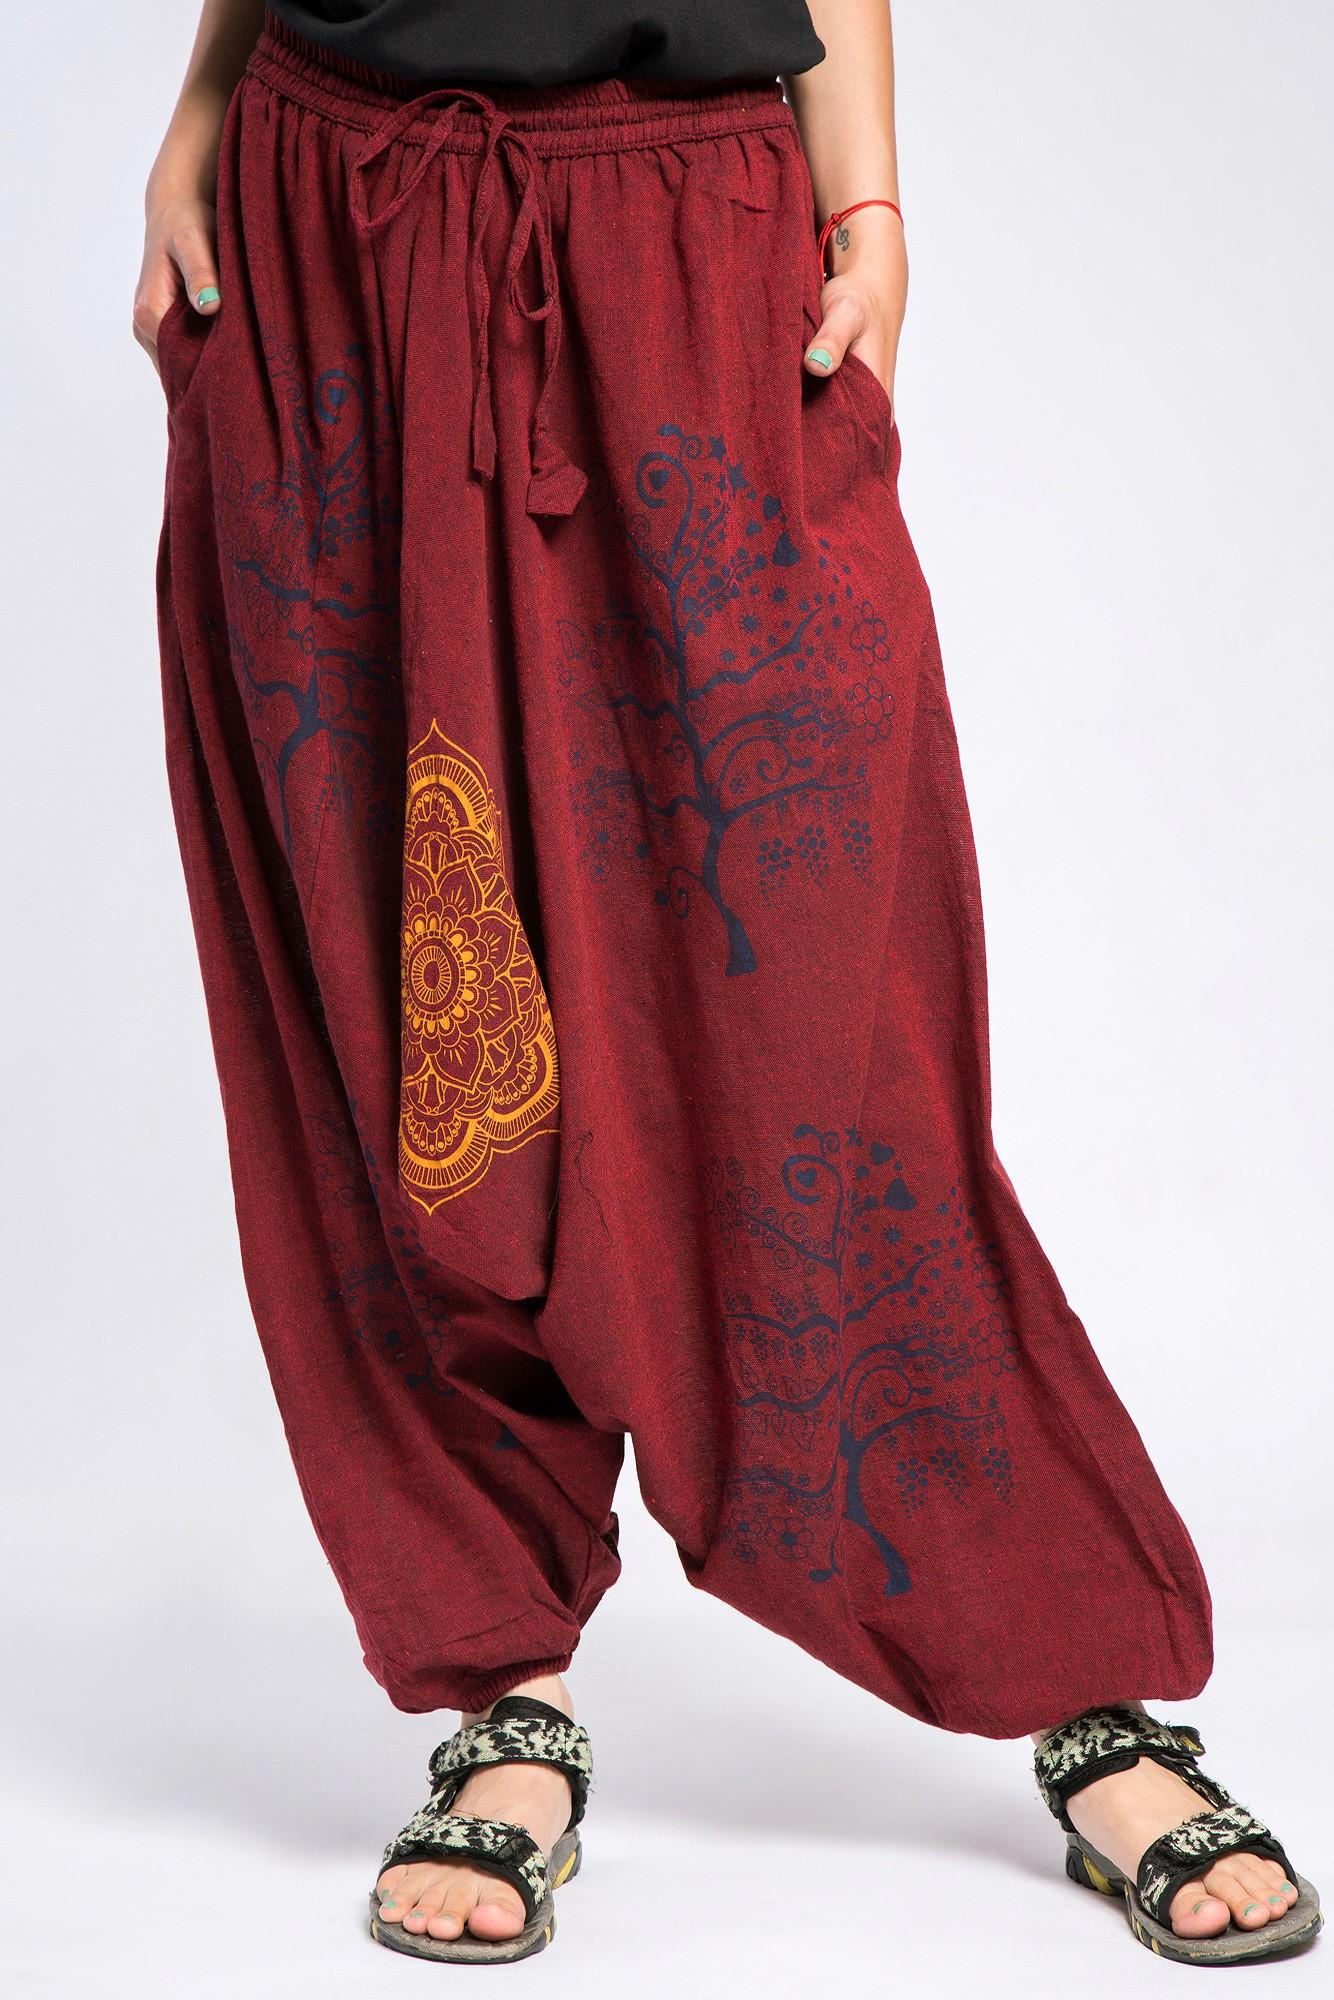 Salvari visinii unisex Tree of Life-Mandala